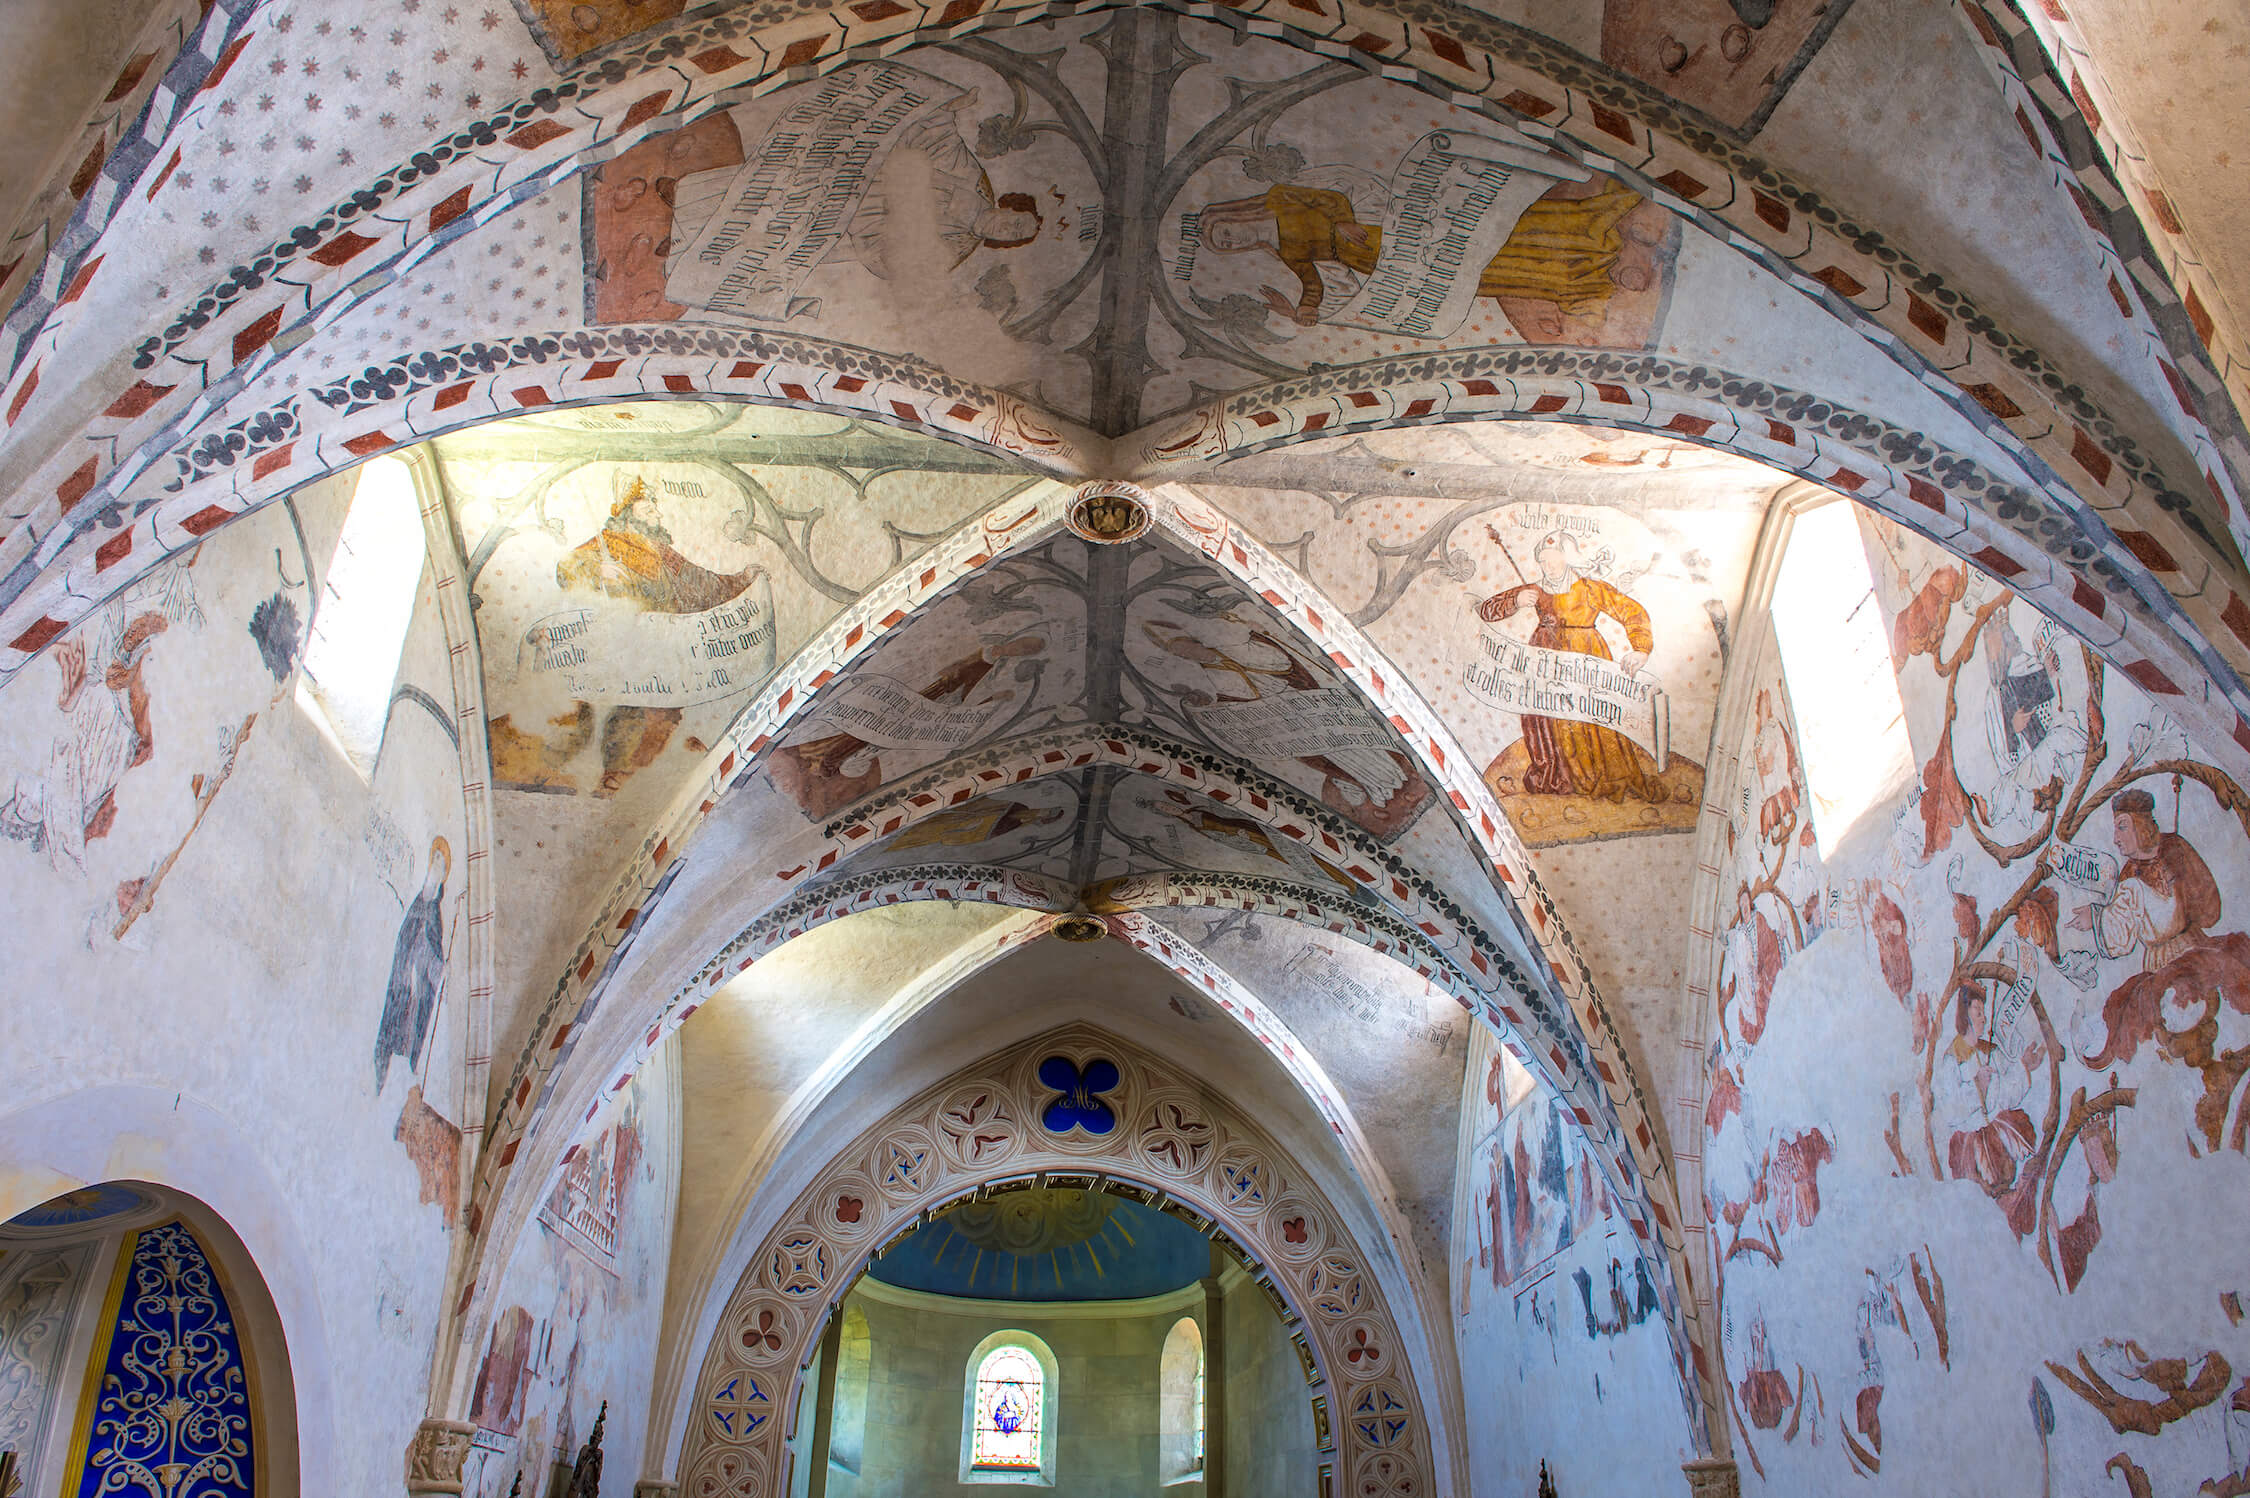 Cathédrale Notre-Dame-de-la-Sède©ACIR / JJ gelbart